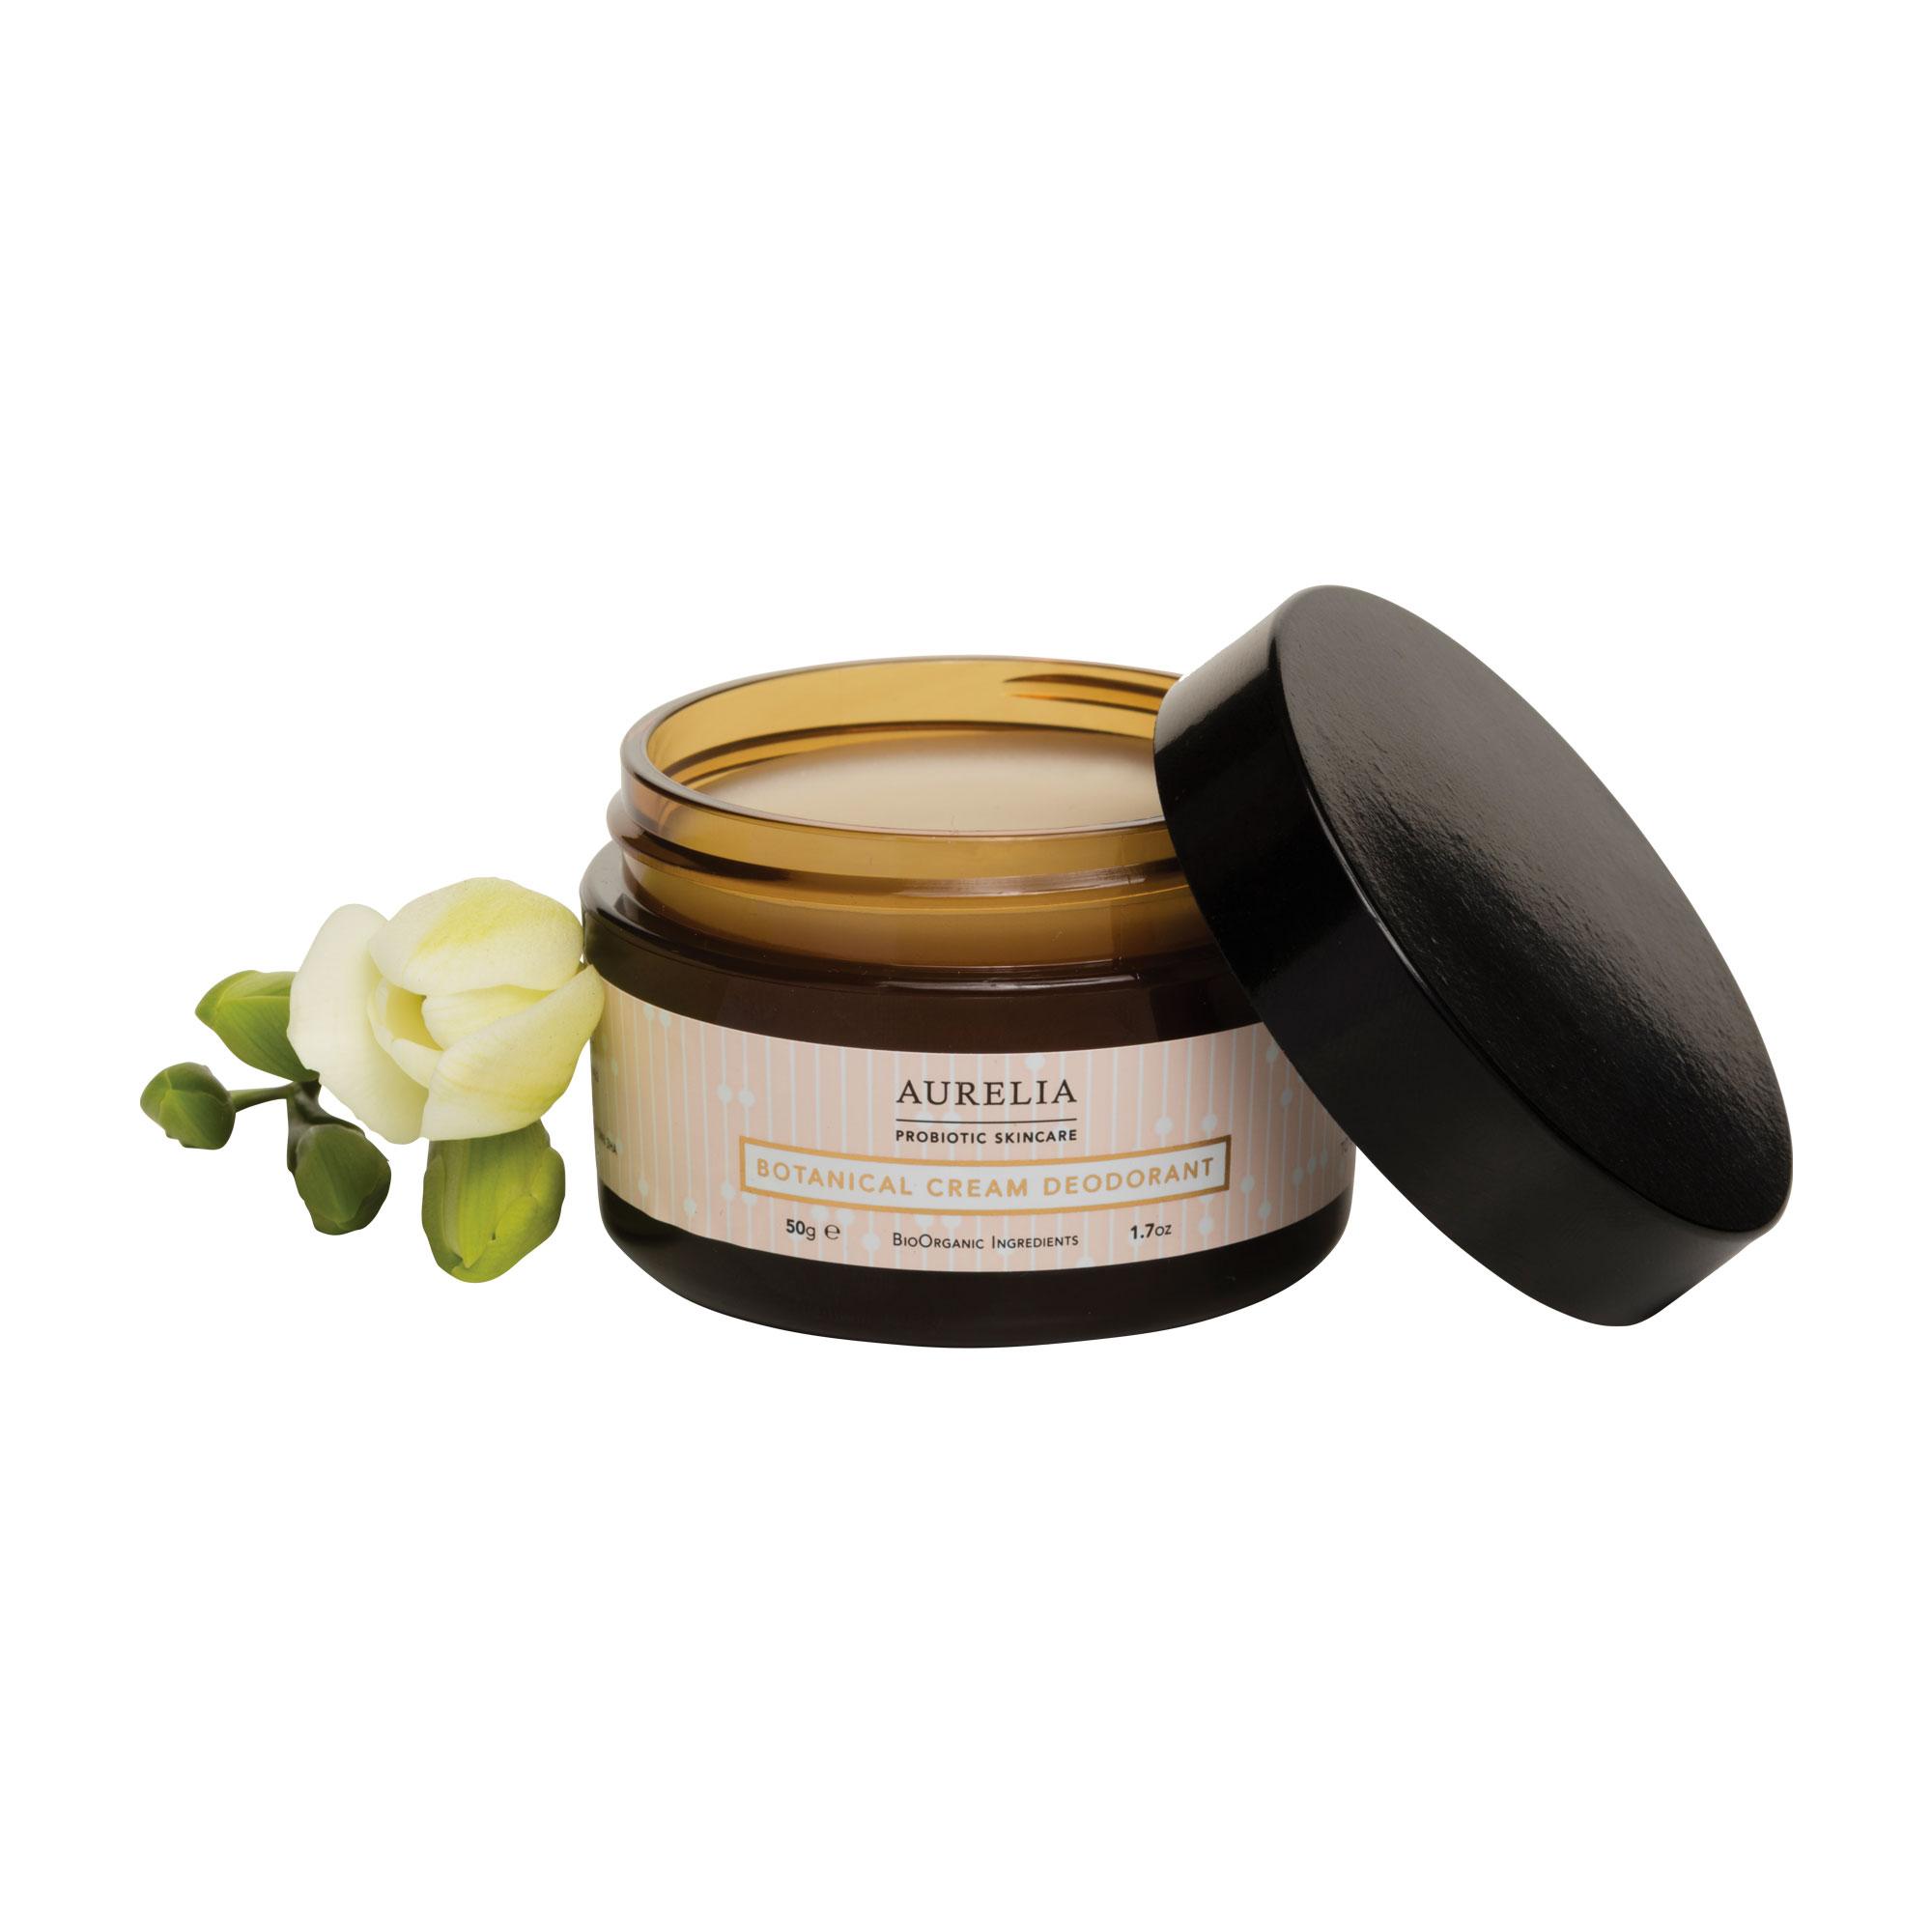 Aurelia Botanical Cream Deodorant, 50 g